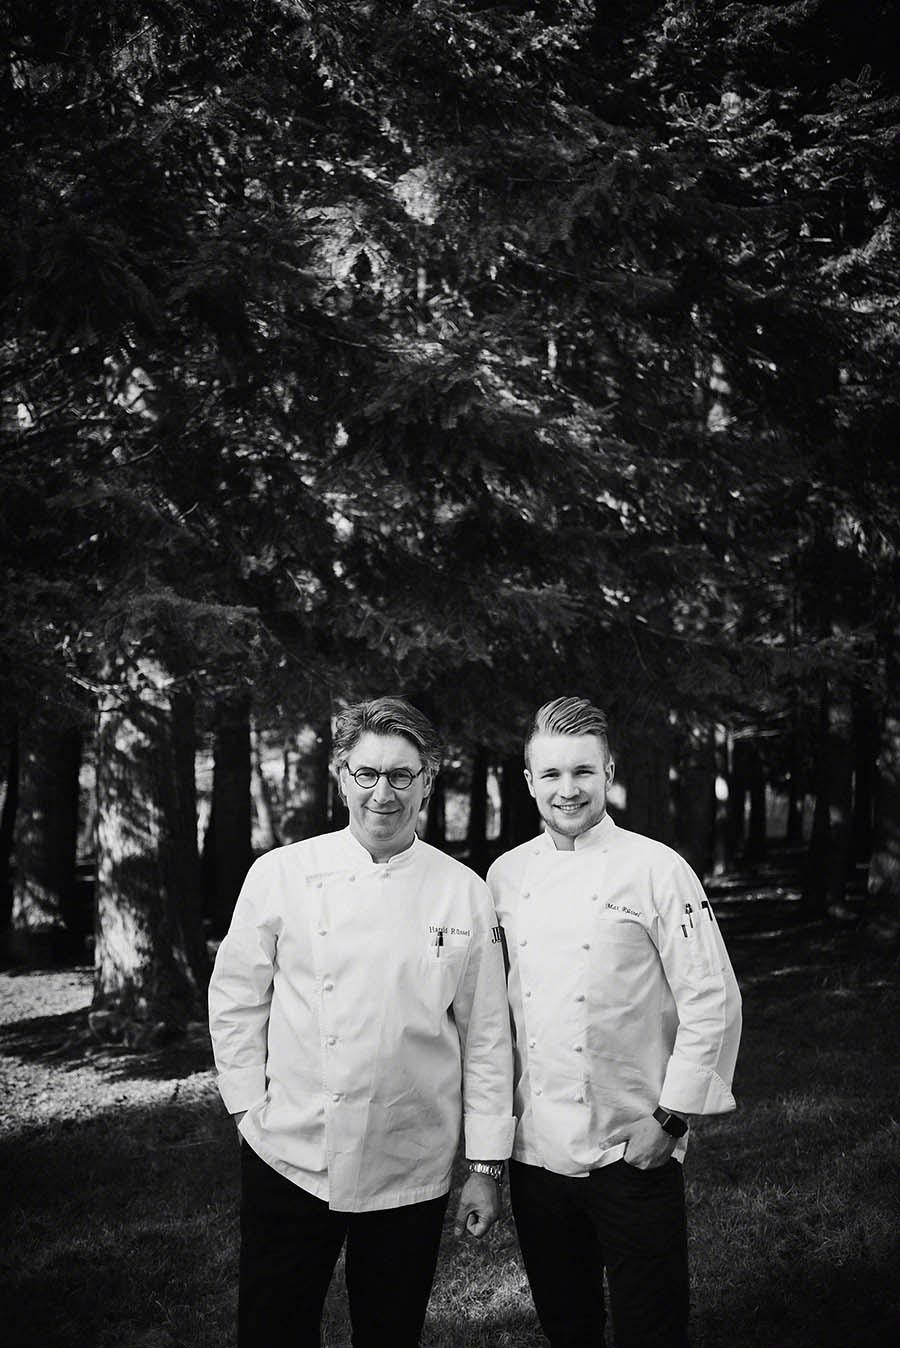 Portrait von Sternekoch Harald Rüssel und Sohn Maximilian - Foodfotografie für das Kochbuch WILD von Harald und Maximilian Rüssel